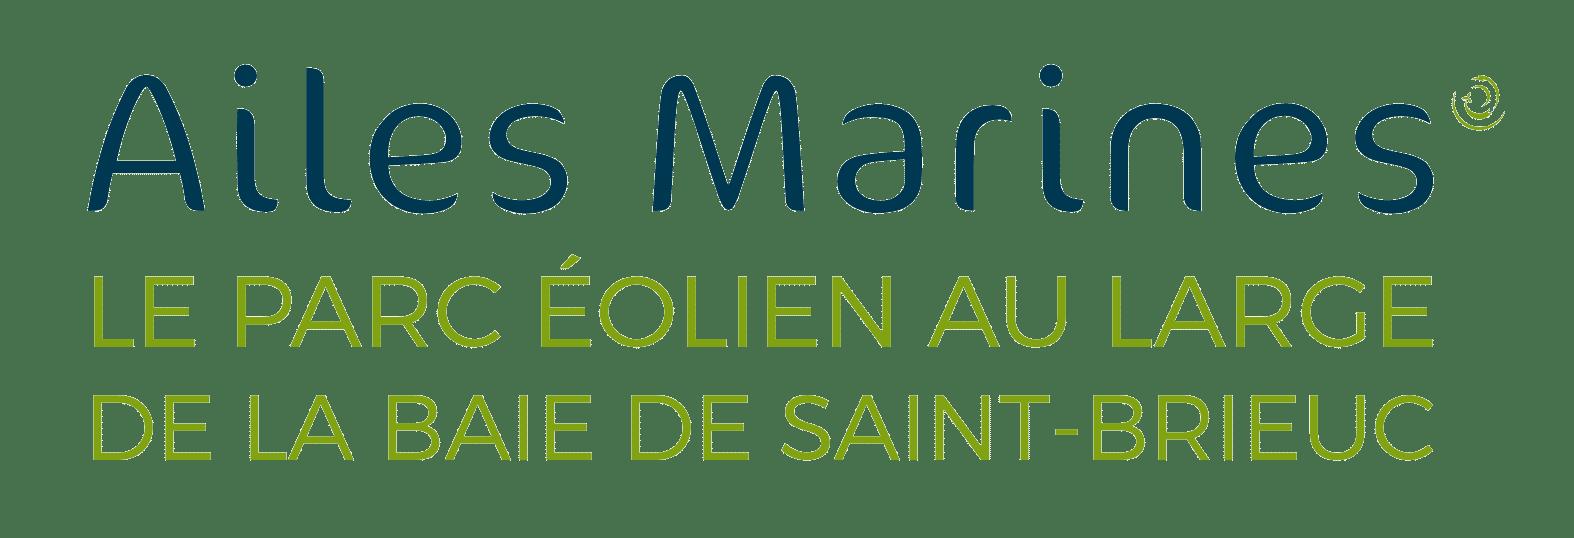 logo-ailes-marines-baseline-bleu